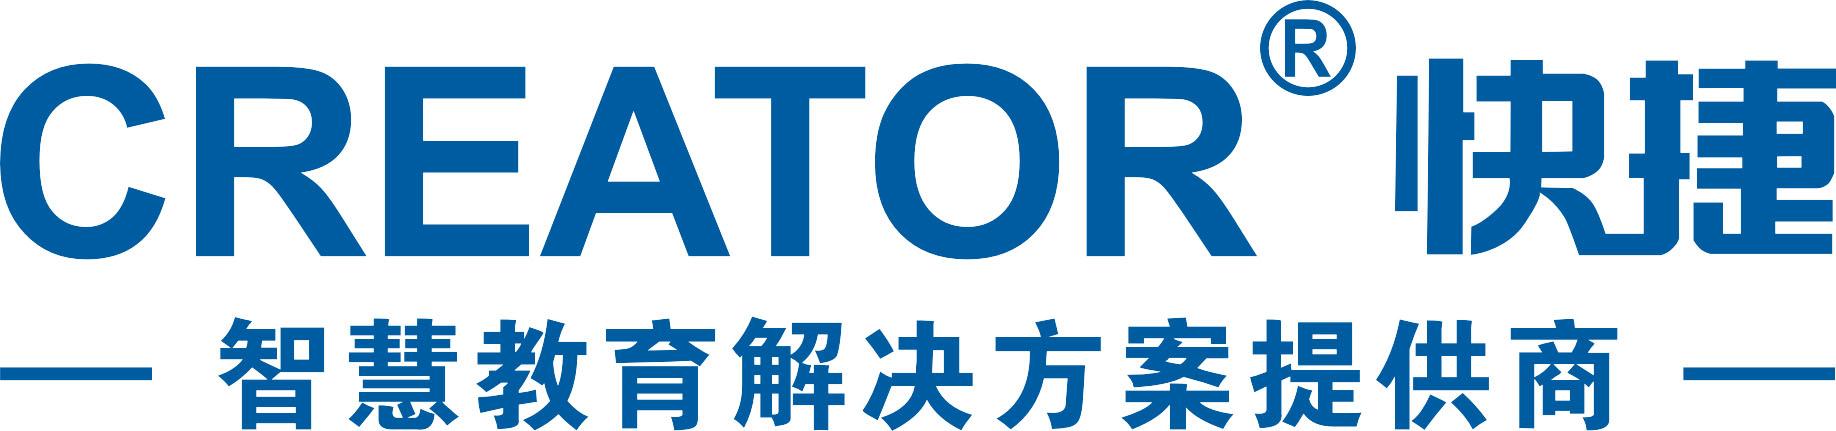 广州市天誉创高电子科技有限公司